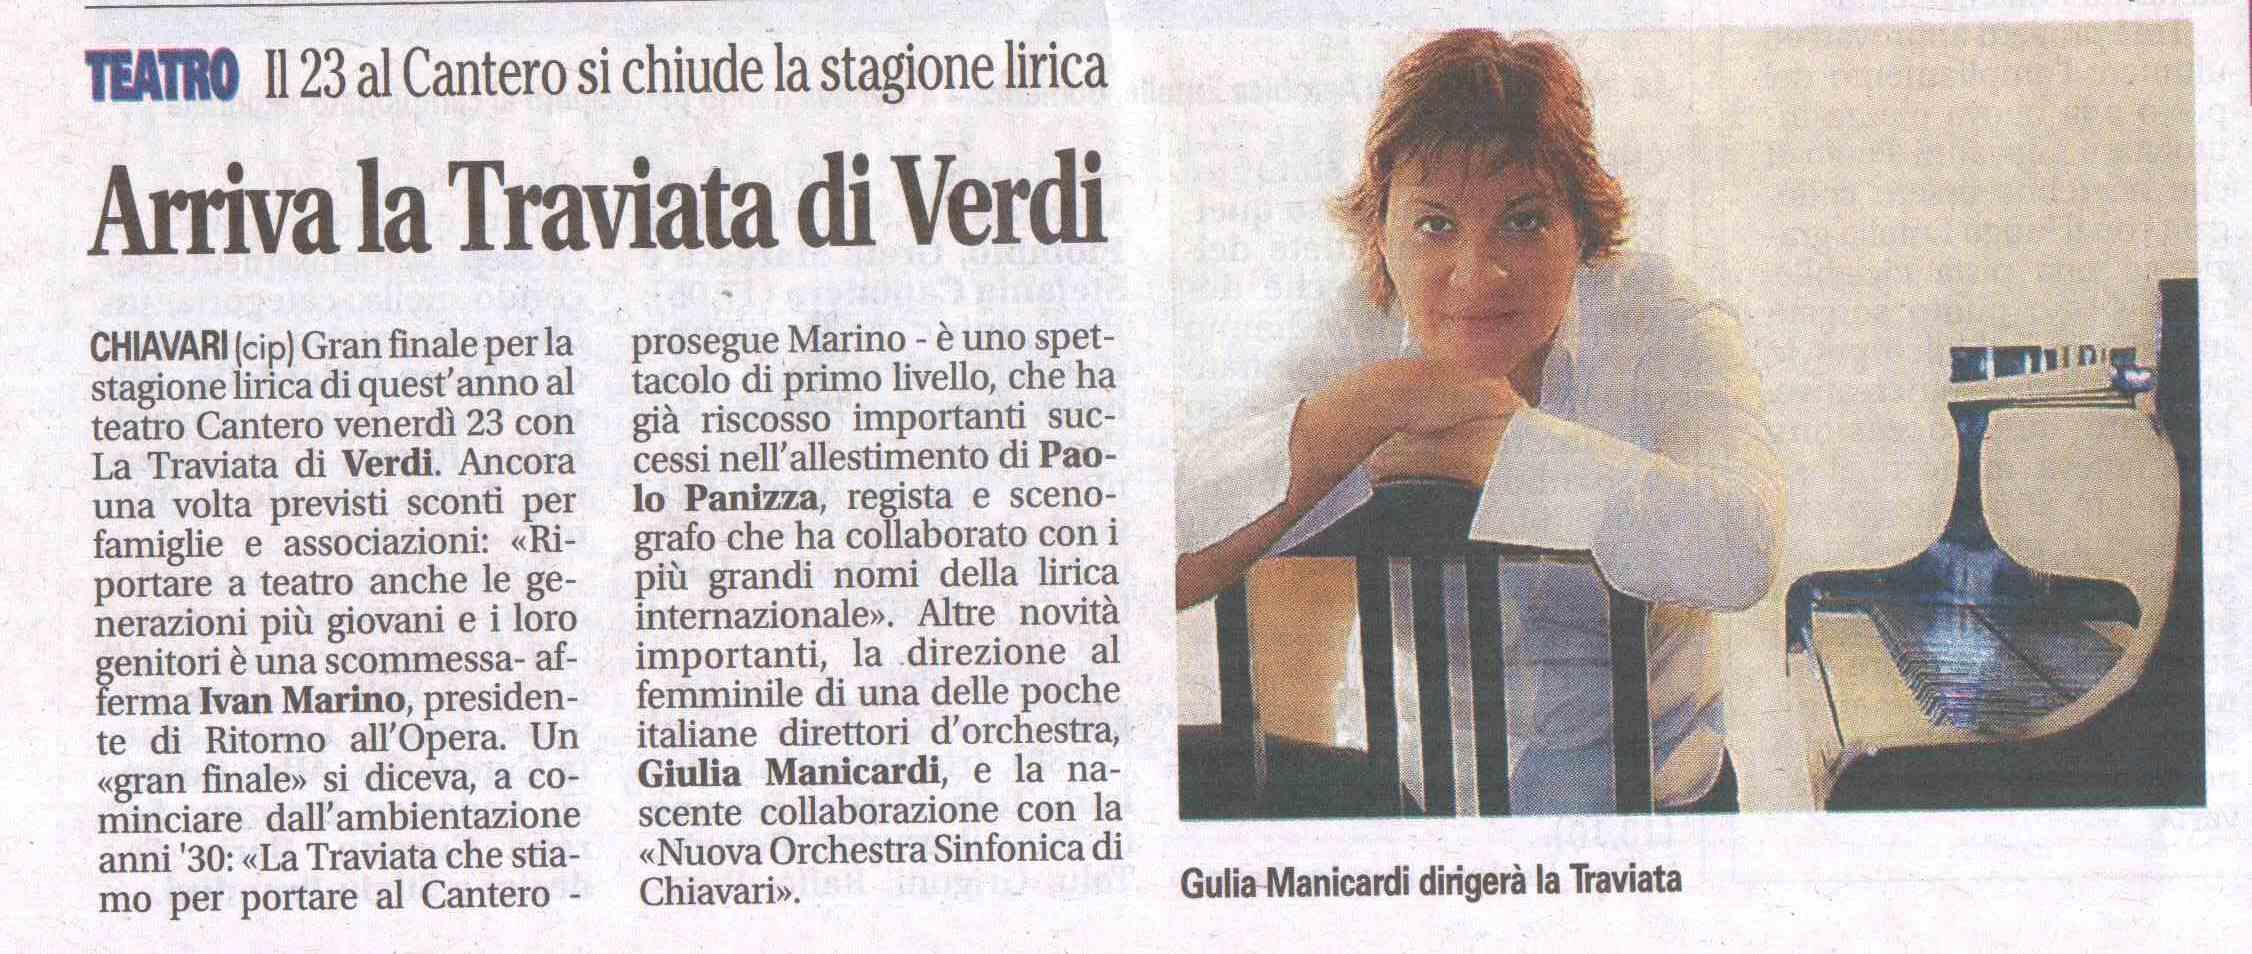 16.03.2012 – IL NUOVO LEVANTE – La Traviata